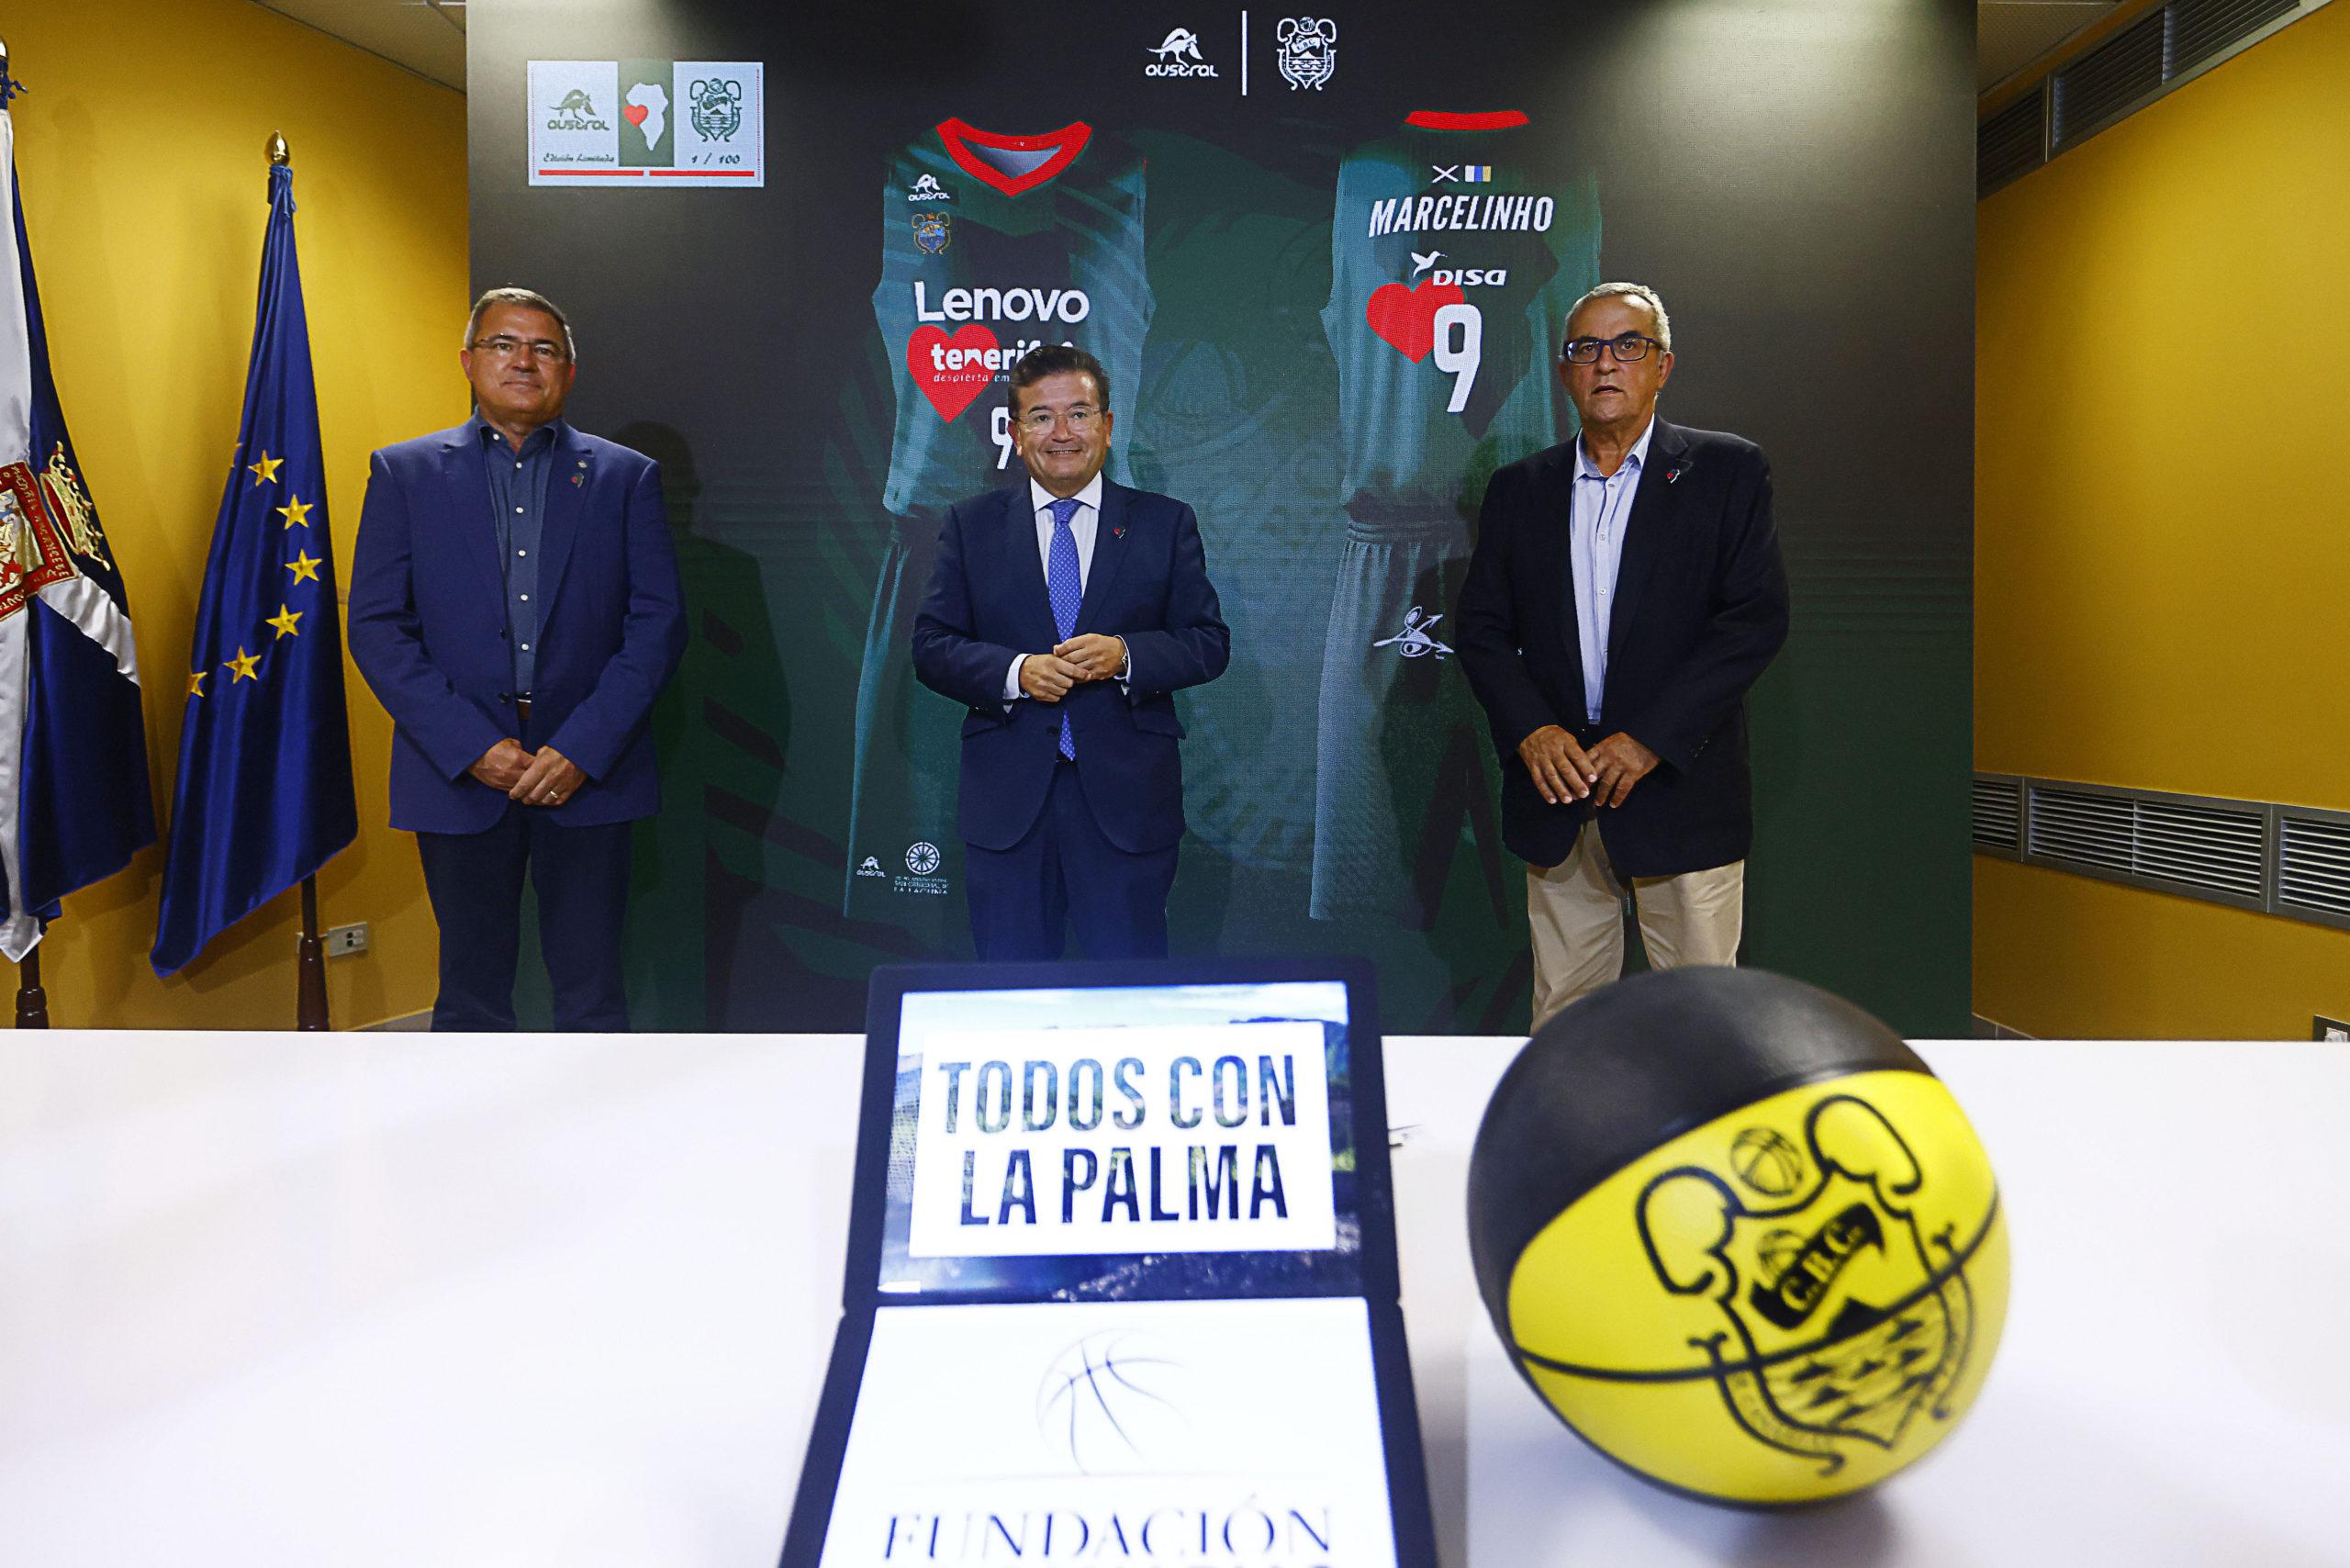 La Fundación CB Canarias, la Fundación 'La Caixa' y Caixabank se vuelcan con La Palma